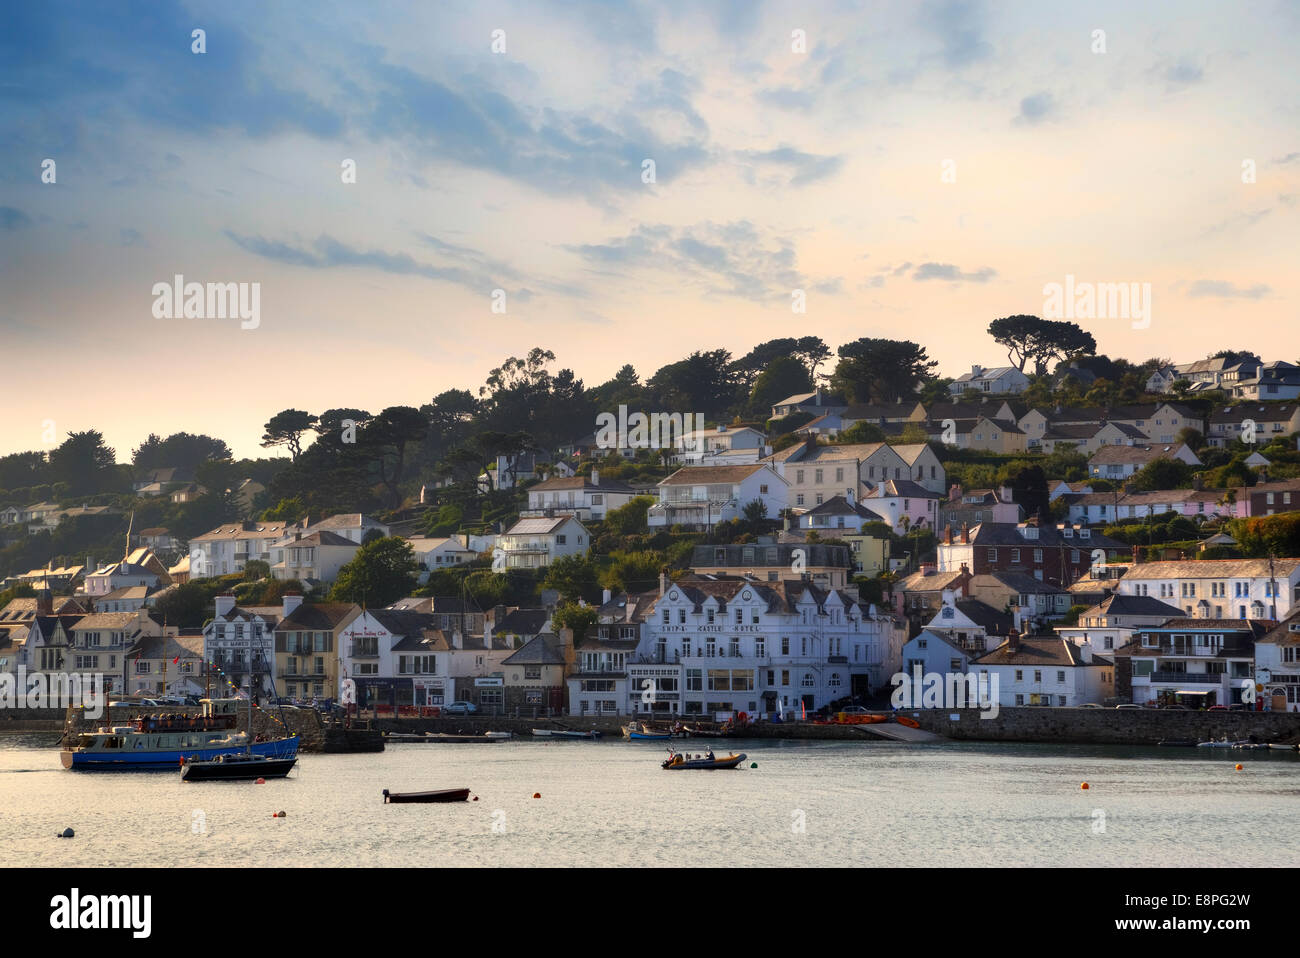 St Mawes, Cornwall, England, Regno Unito Immagini Stock